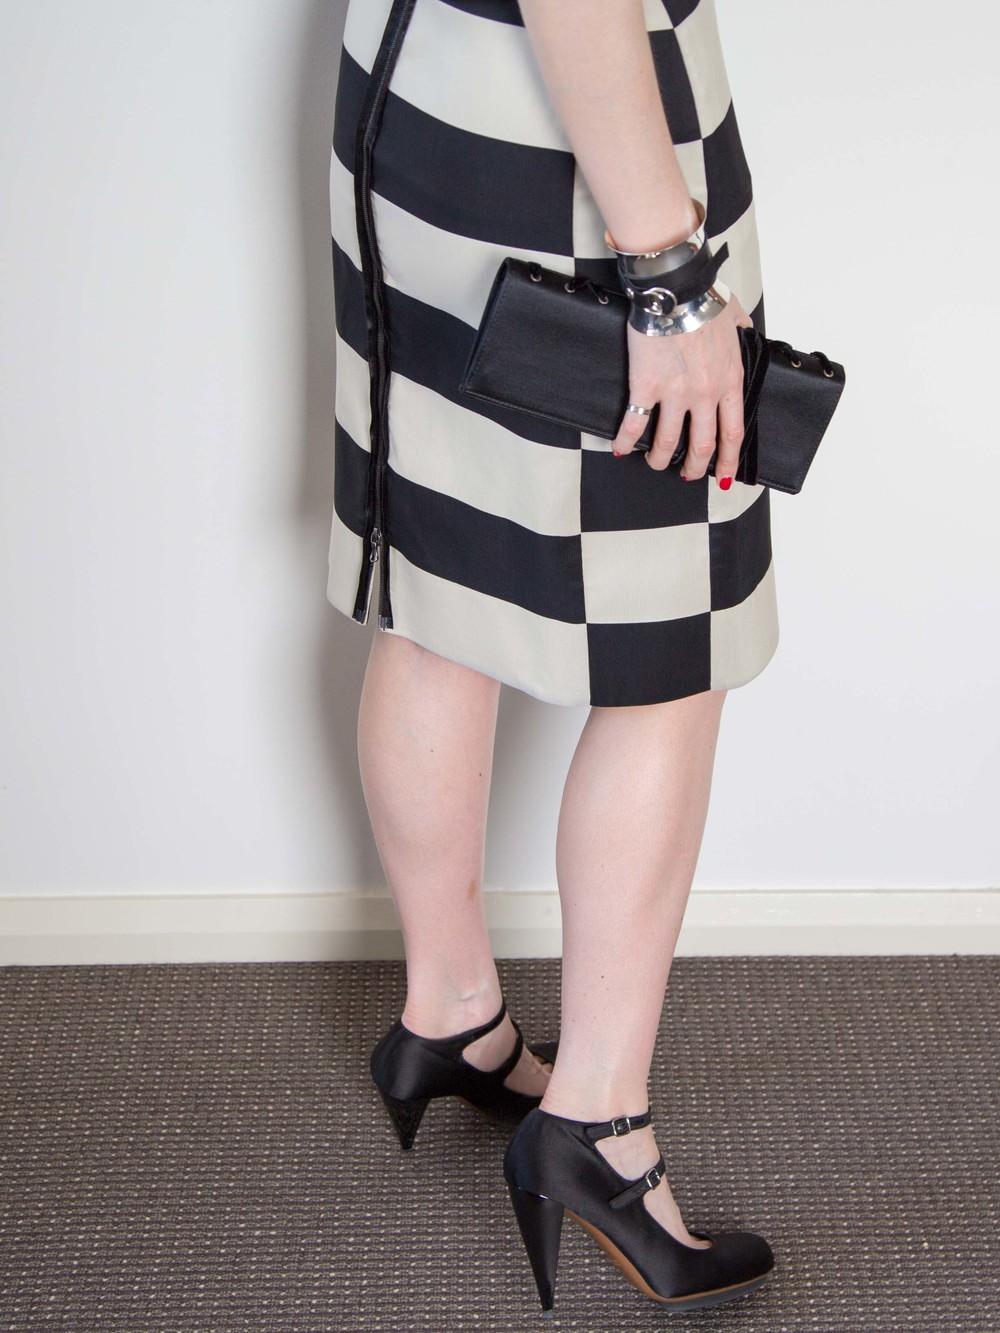 Lanvin Striped Dress, Georg Jensen Cuff, Yves Saint Laurent Vintage Clutch, Lanvin Silk Satin Heels, Cartier Love Ring